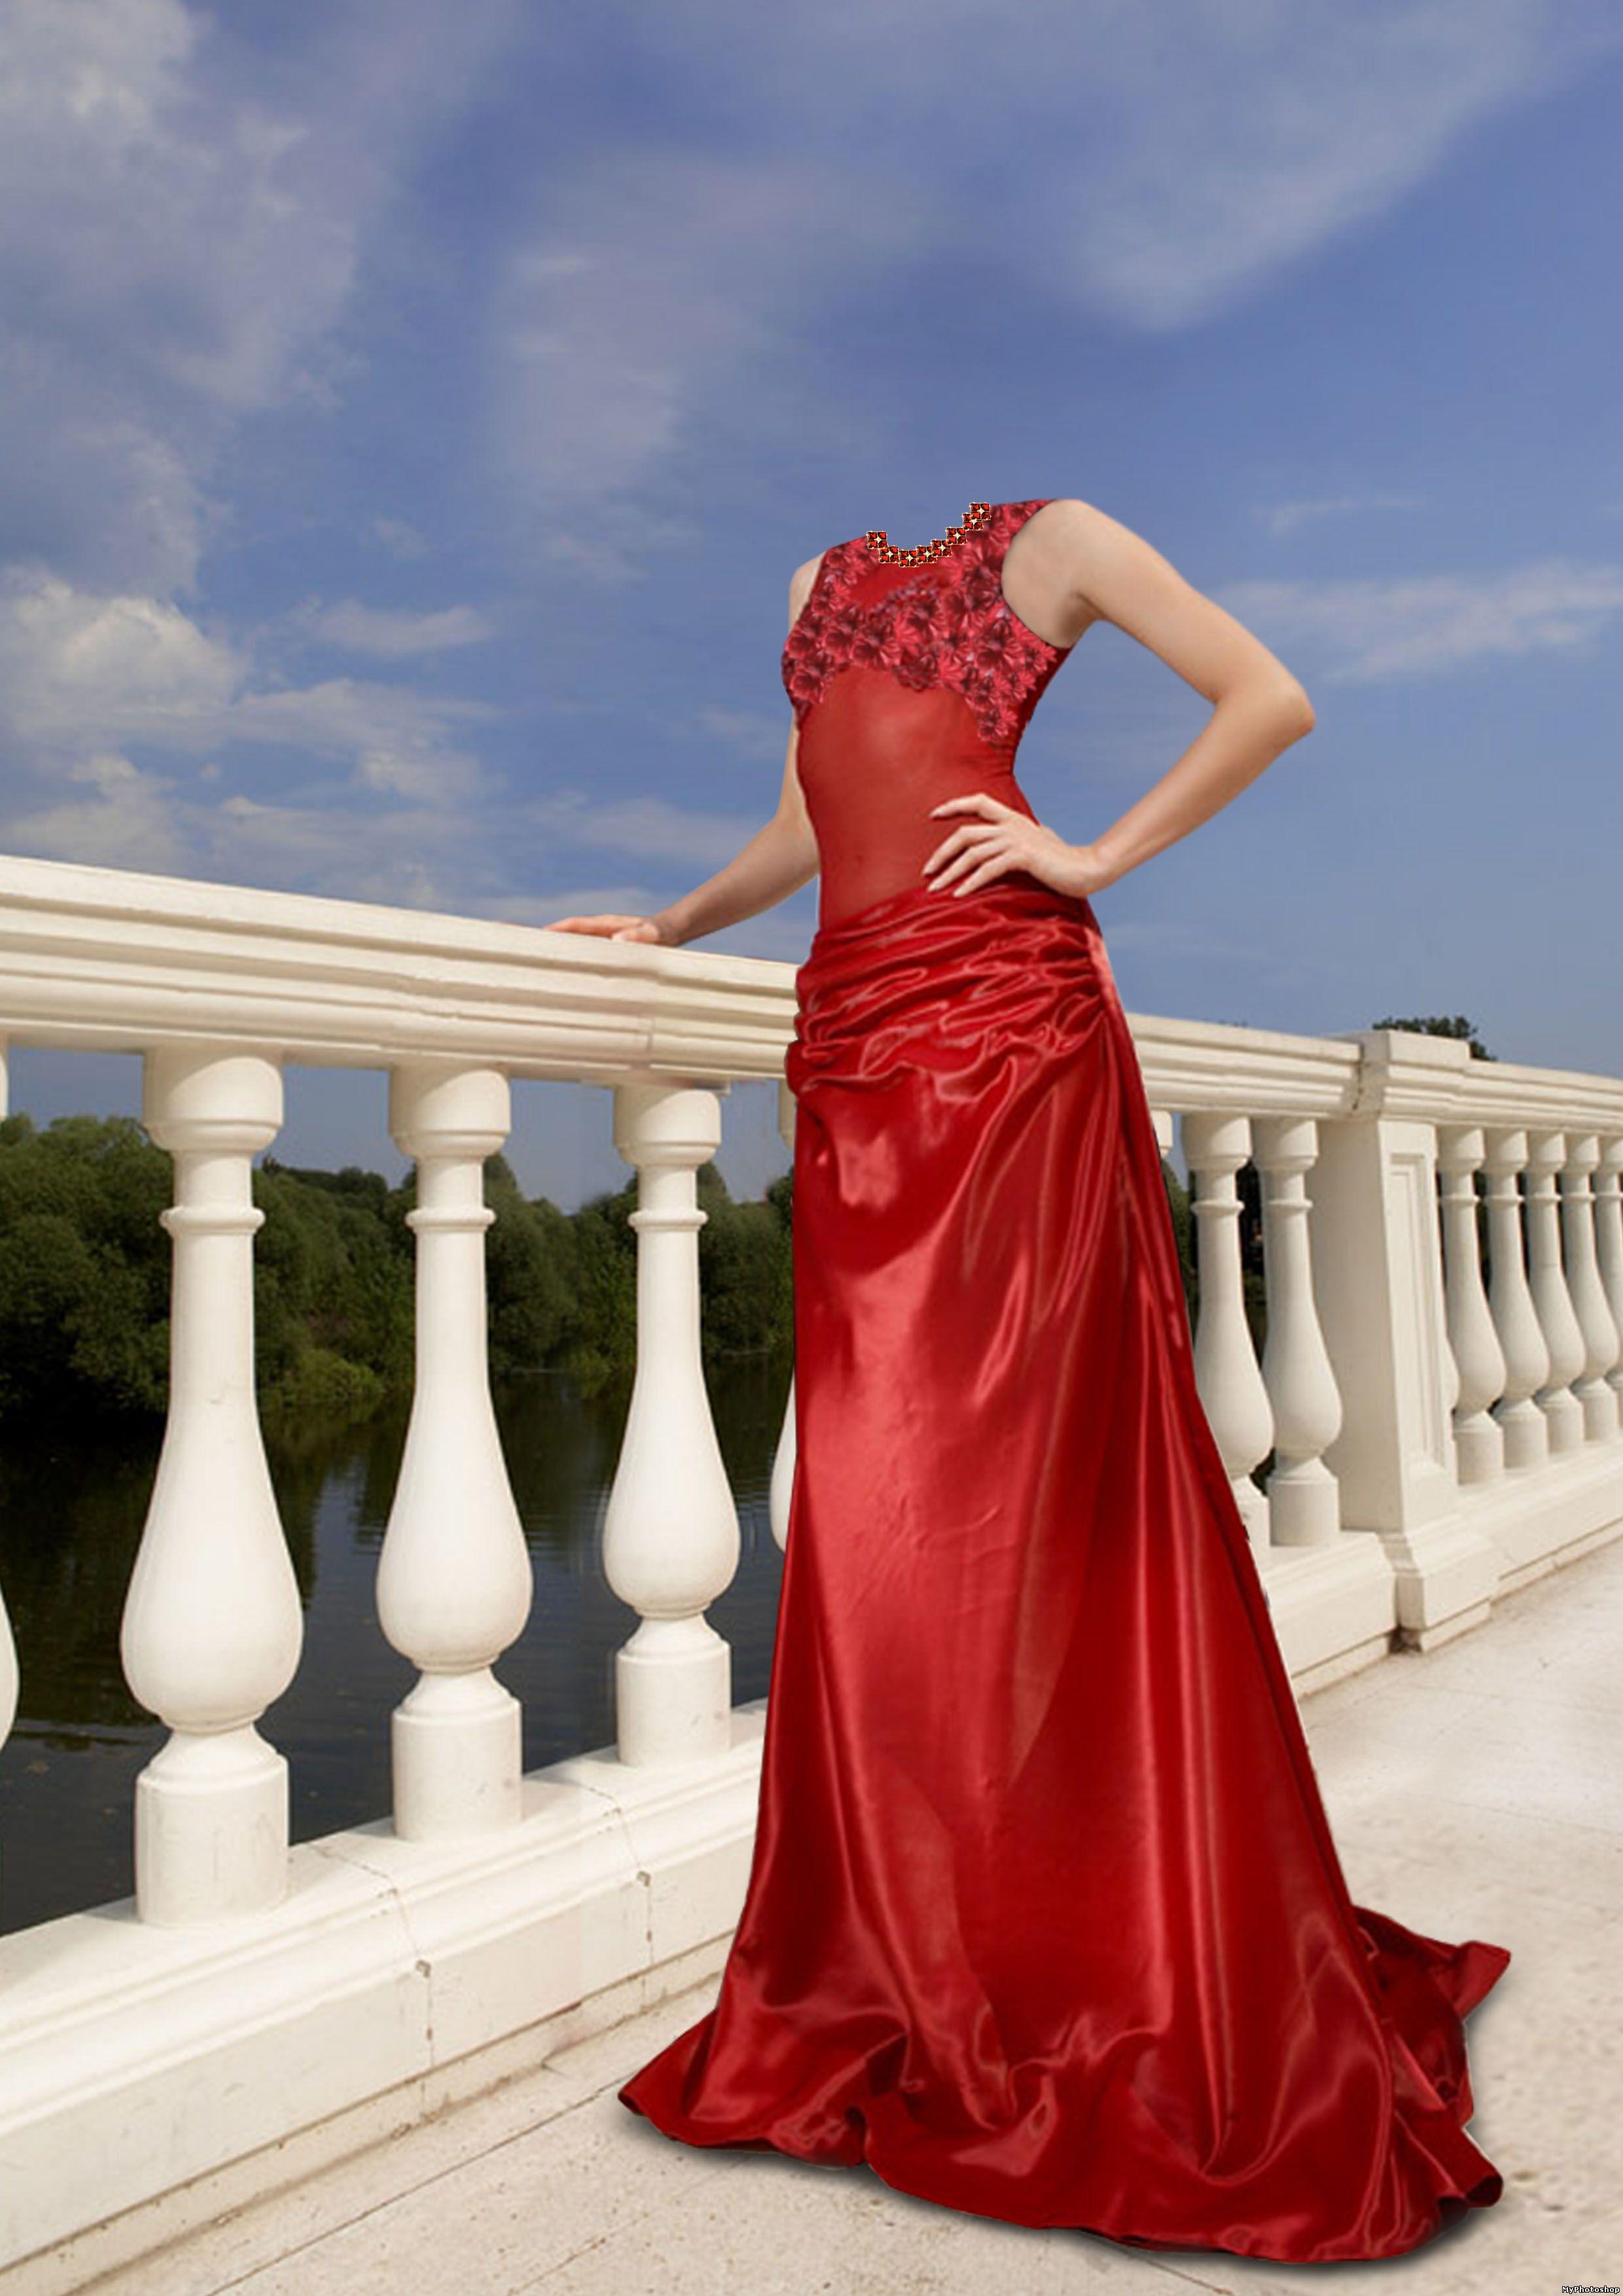 Девушка в красном платье psd 2480x3508 10MB.  Dimon.  Шаблоны для Photoshop.